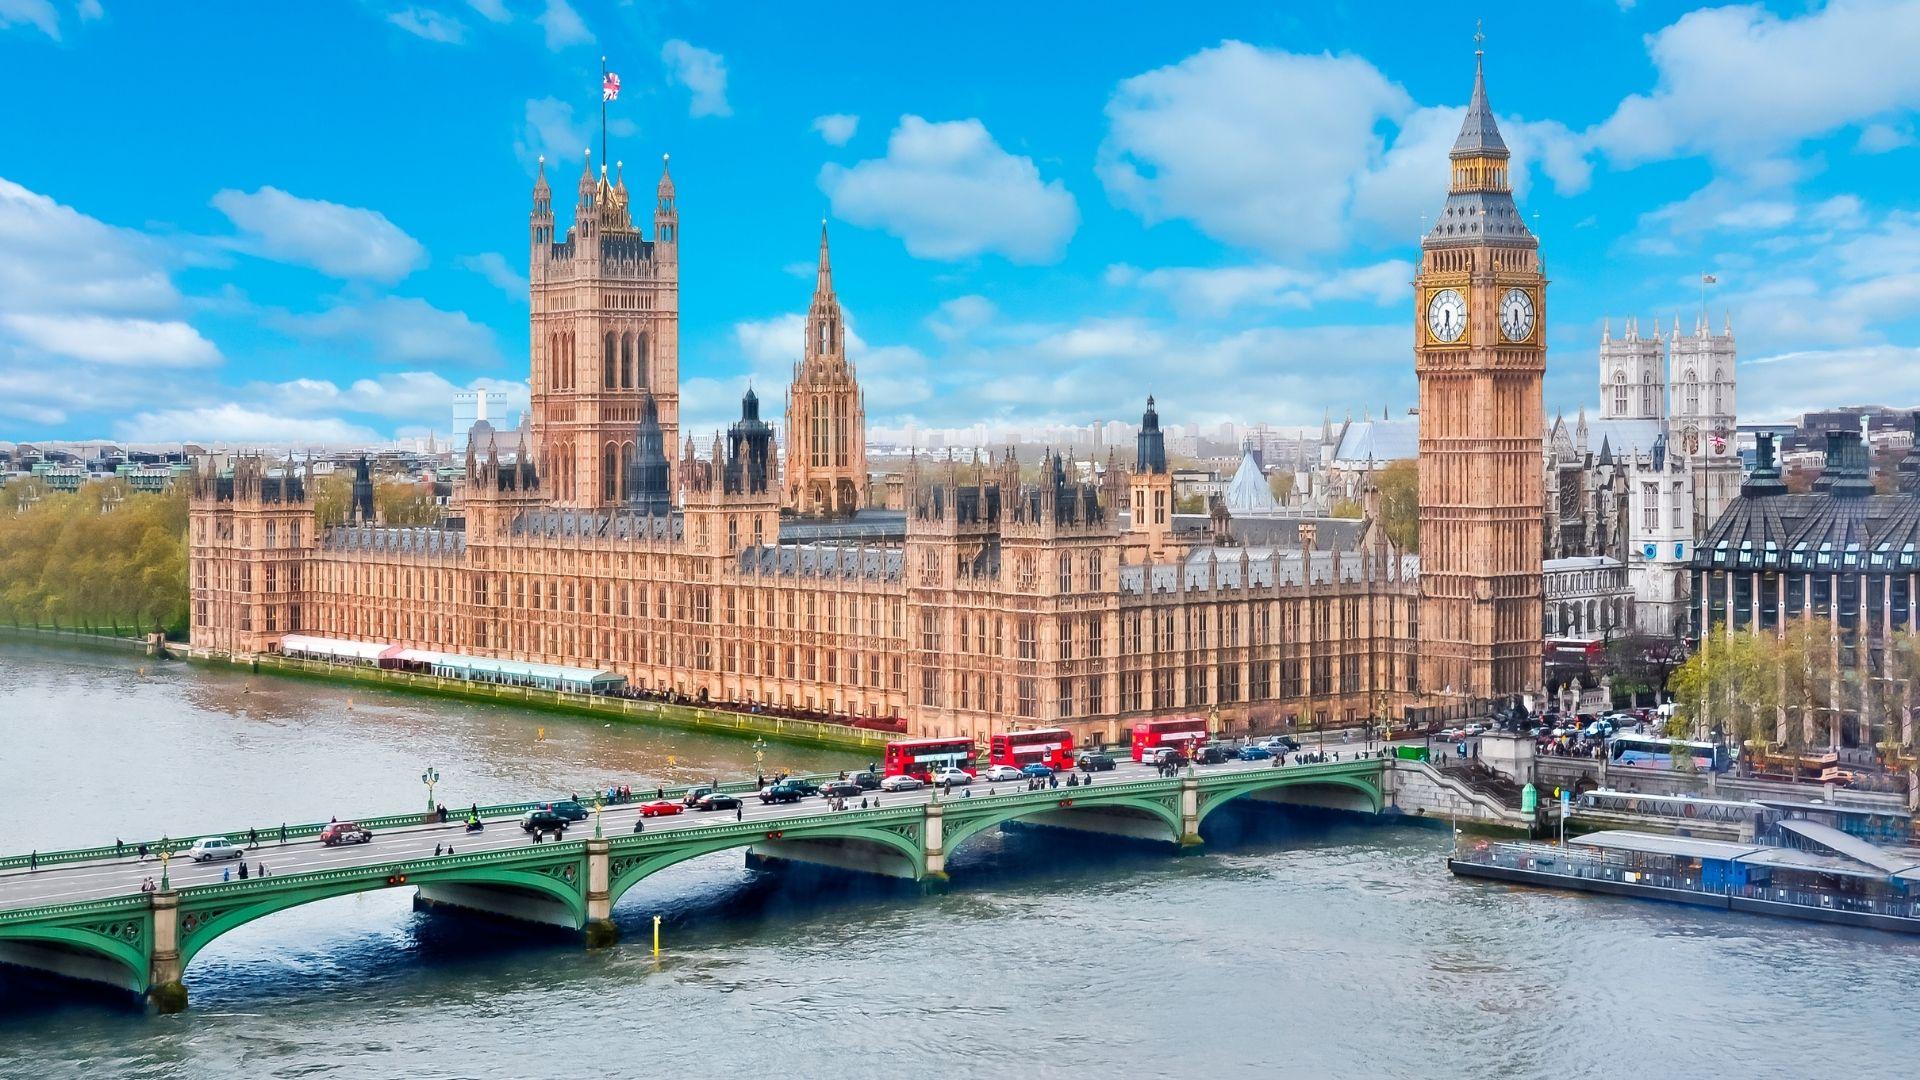 İngiltere Hakkında Bilgi 4 – ngiltere hakkinda bilgi 8